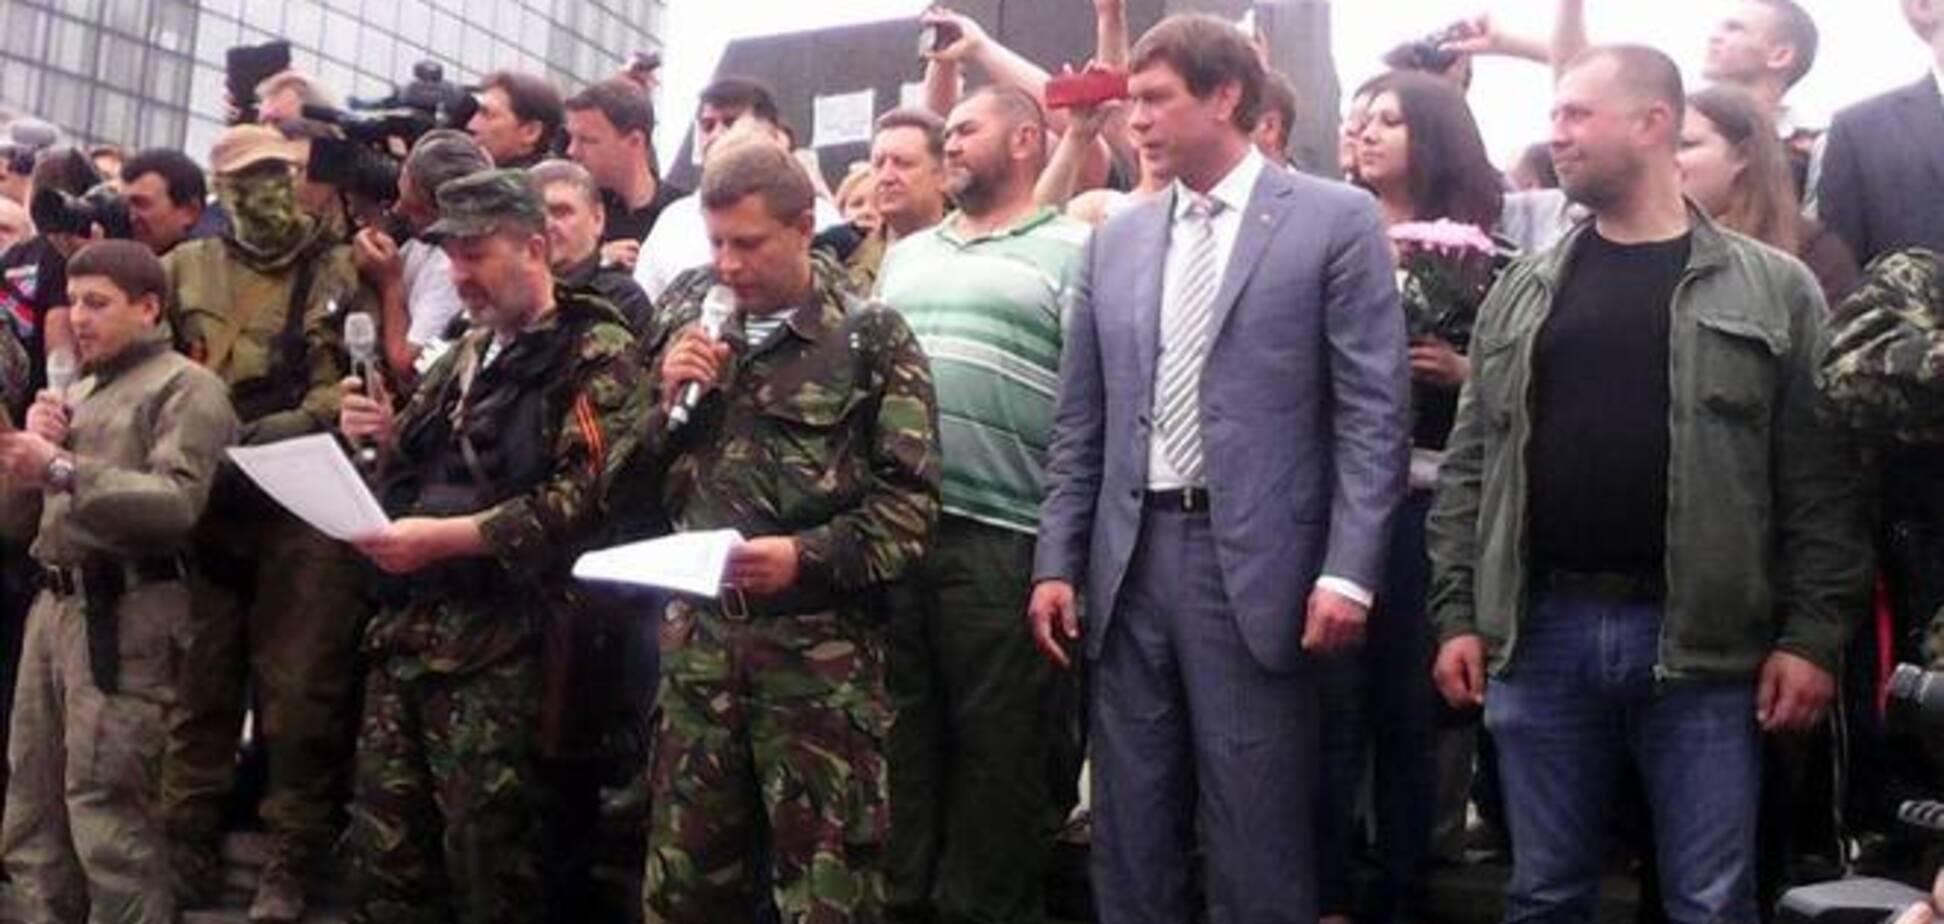 Террористы приняли присягу несуществующей 'Донецкой народной республики'